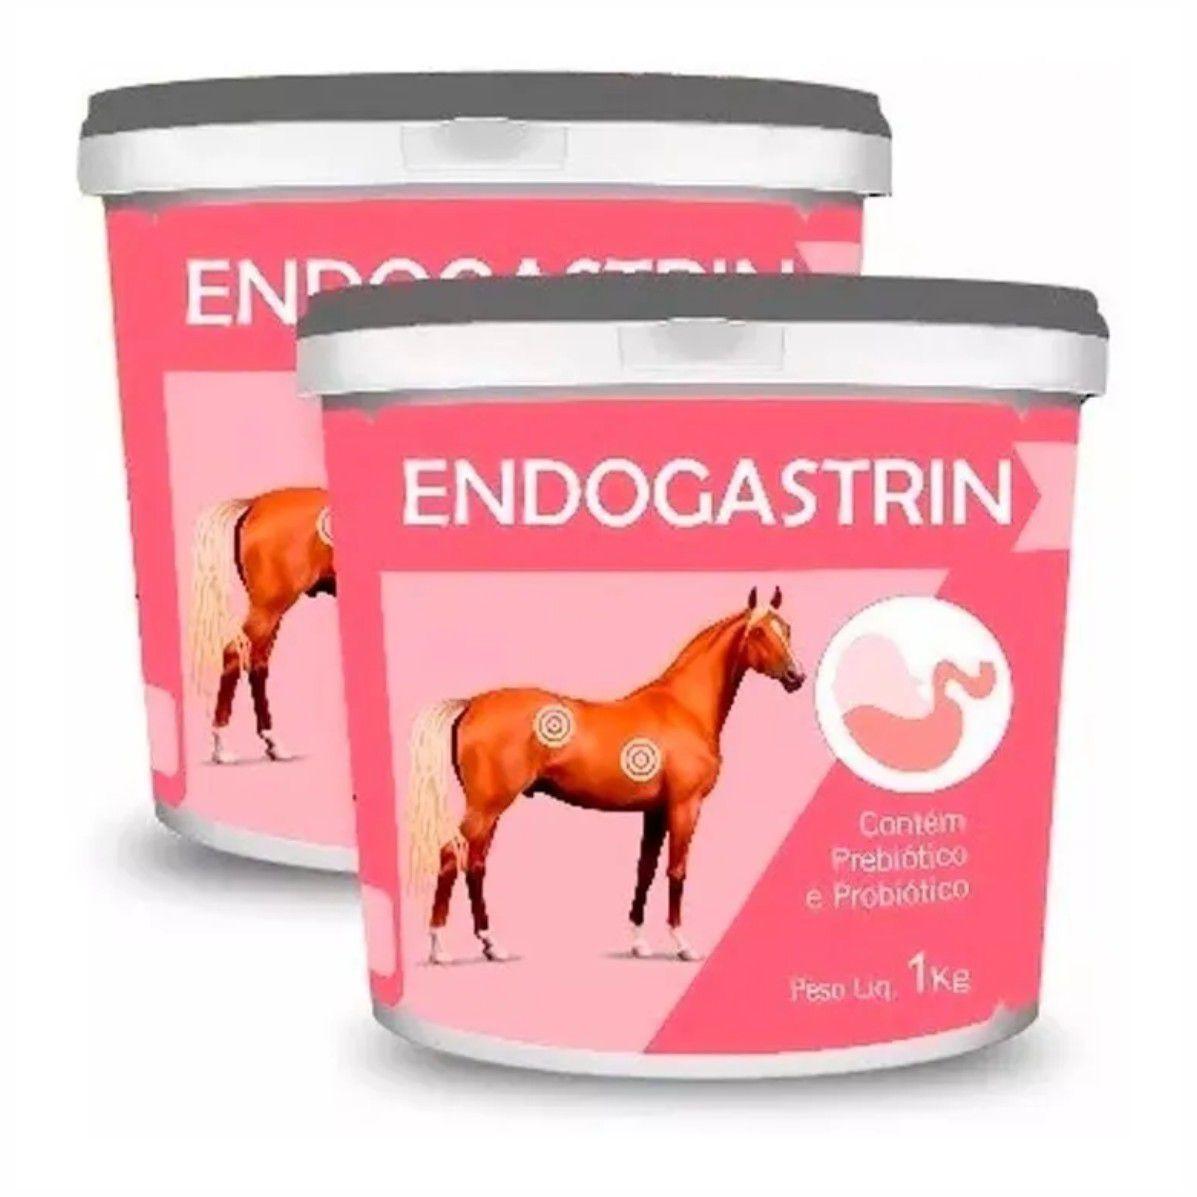 Endogastrin 1kg - Suplemento p/ equinos, asininos, e muares